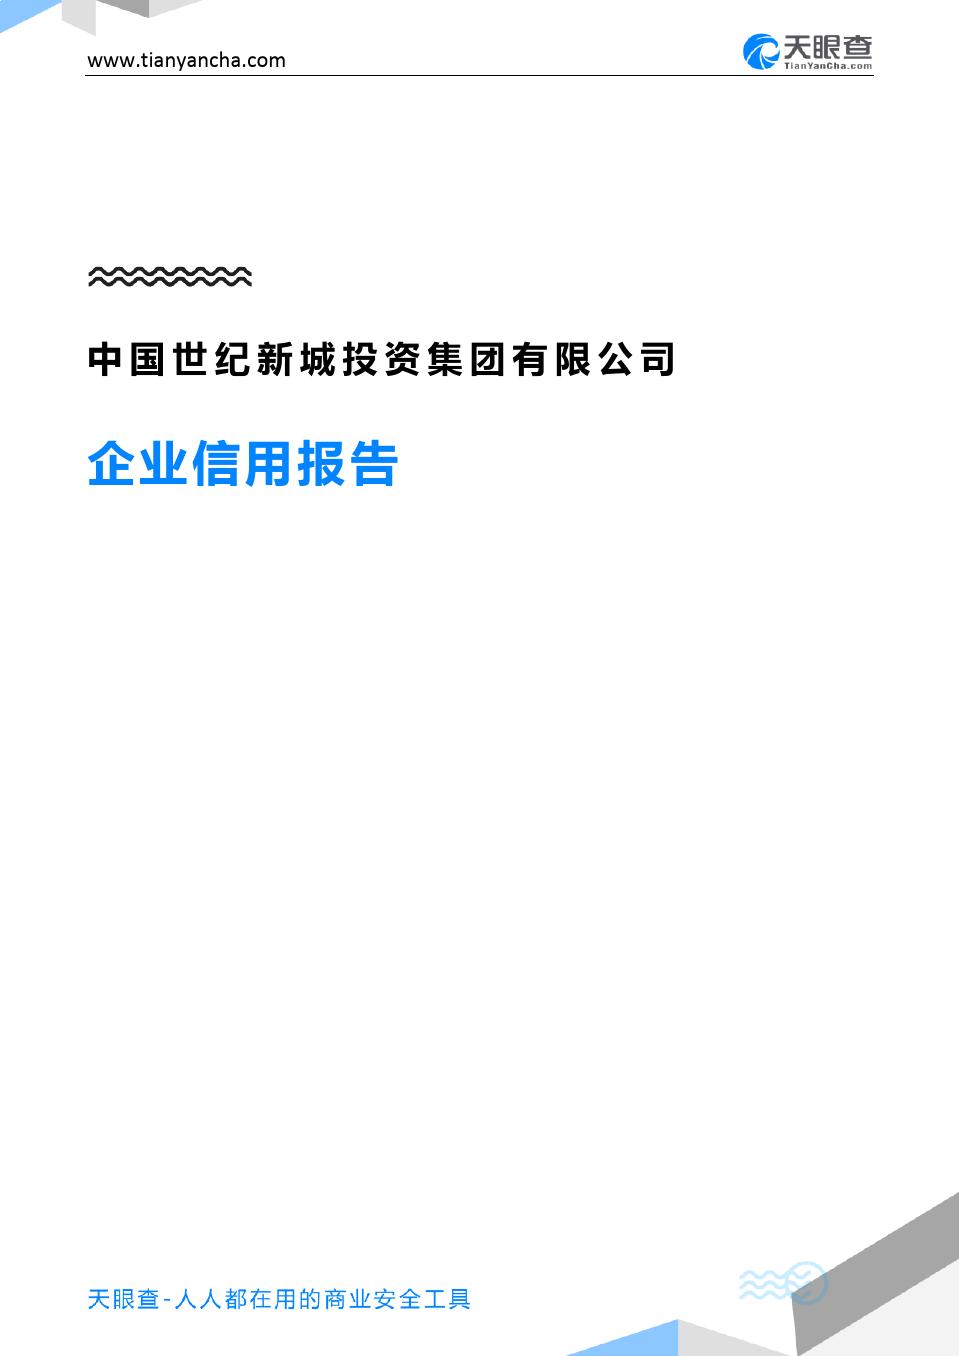 中国世纪新城投资集团有限公司(企业信用报告)- 天眼查